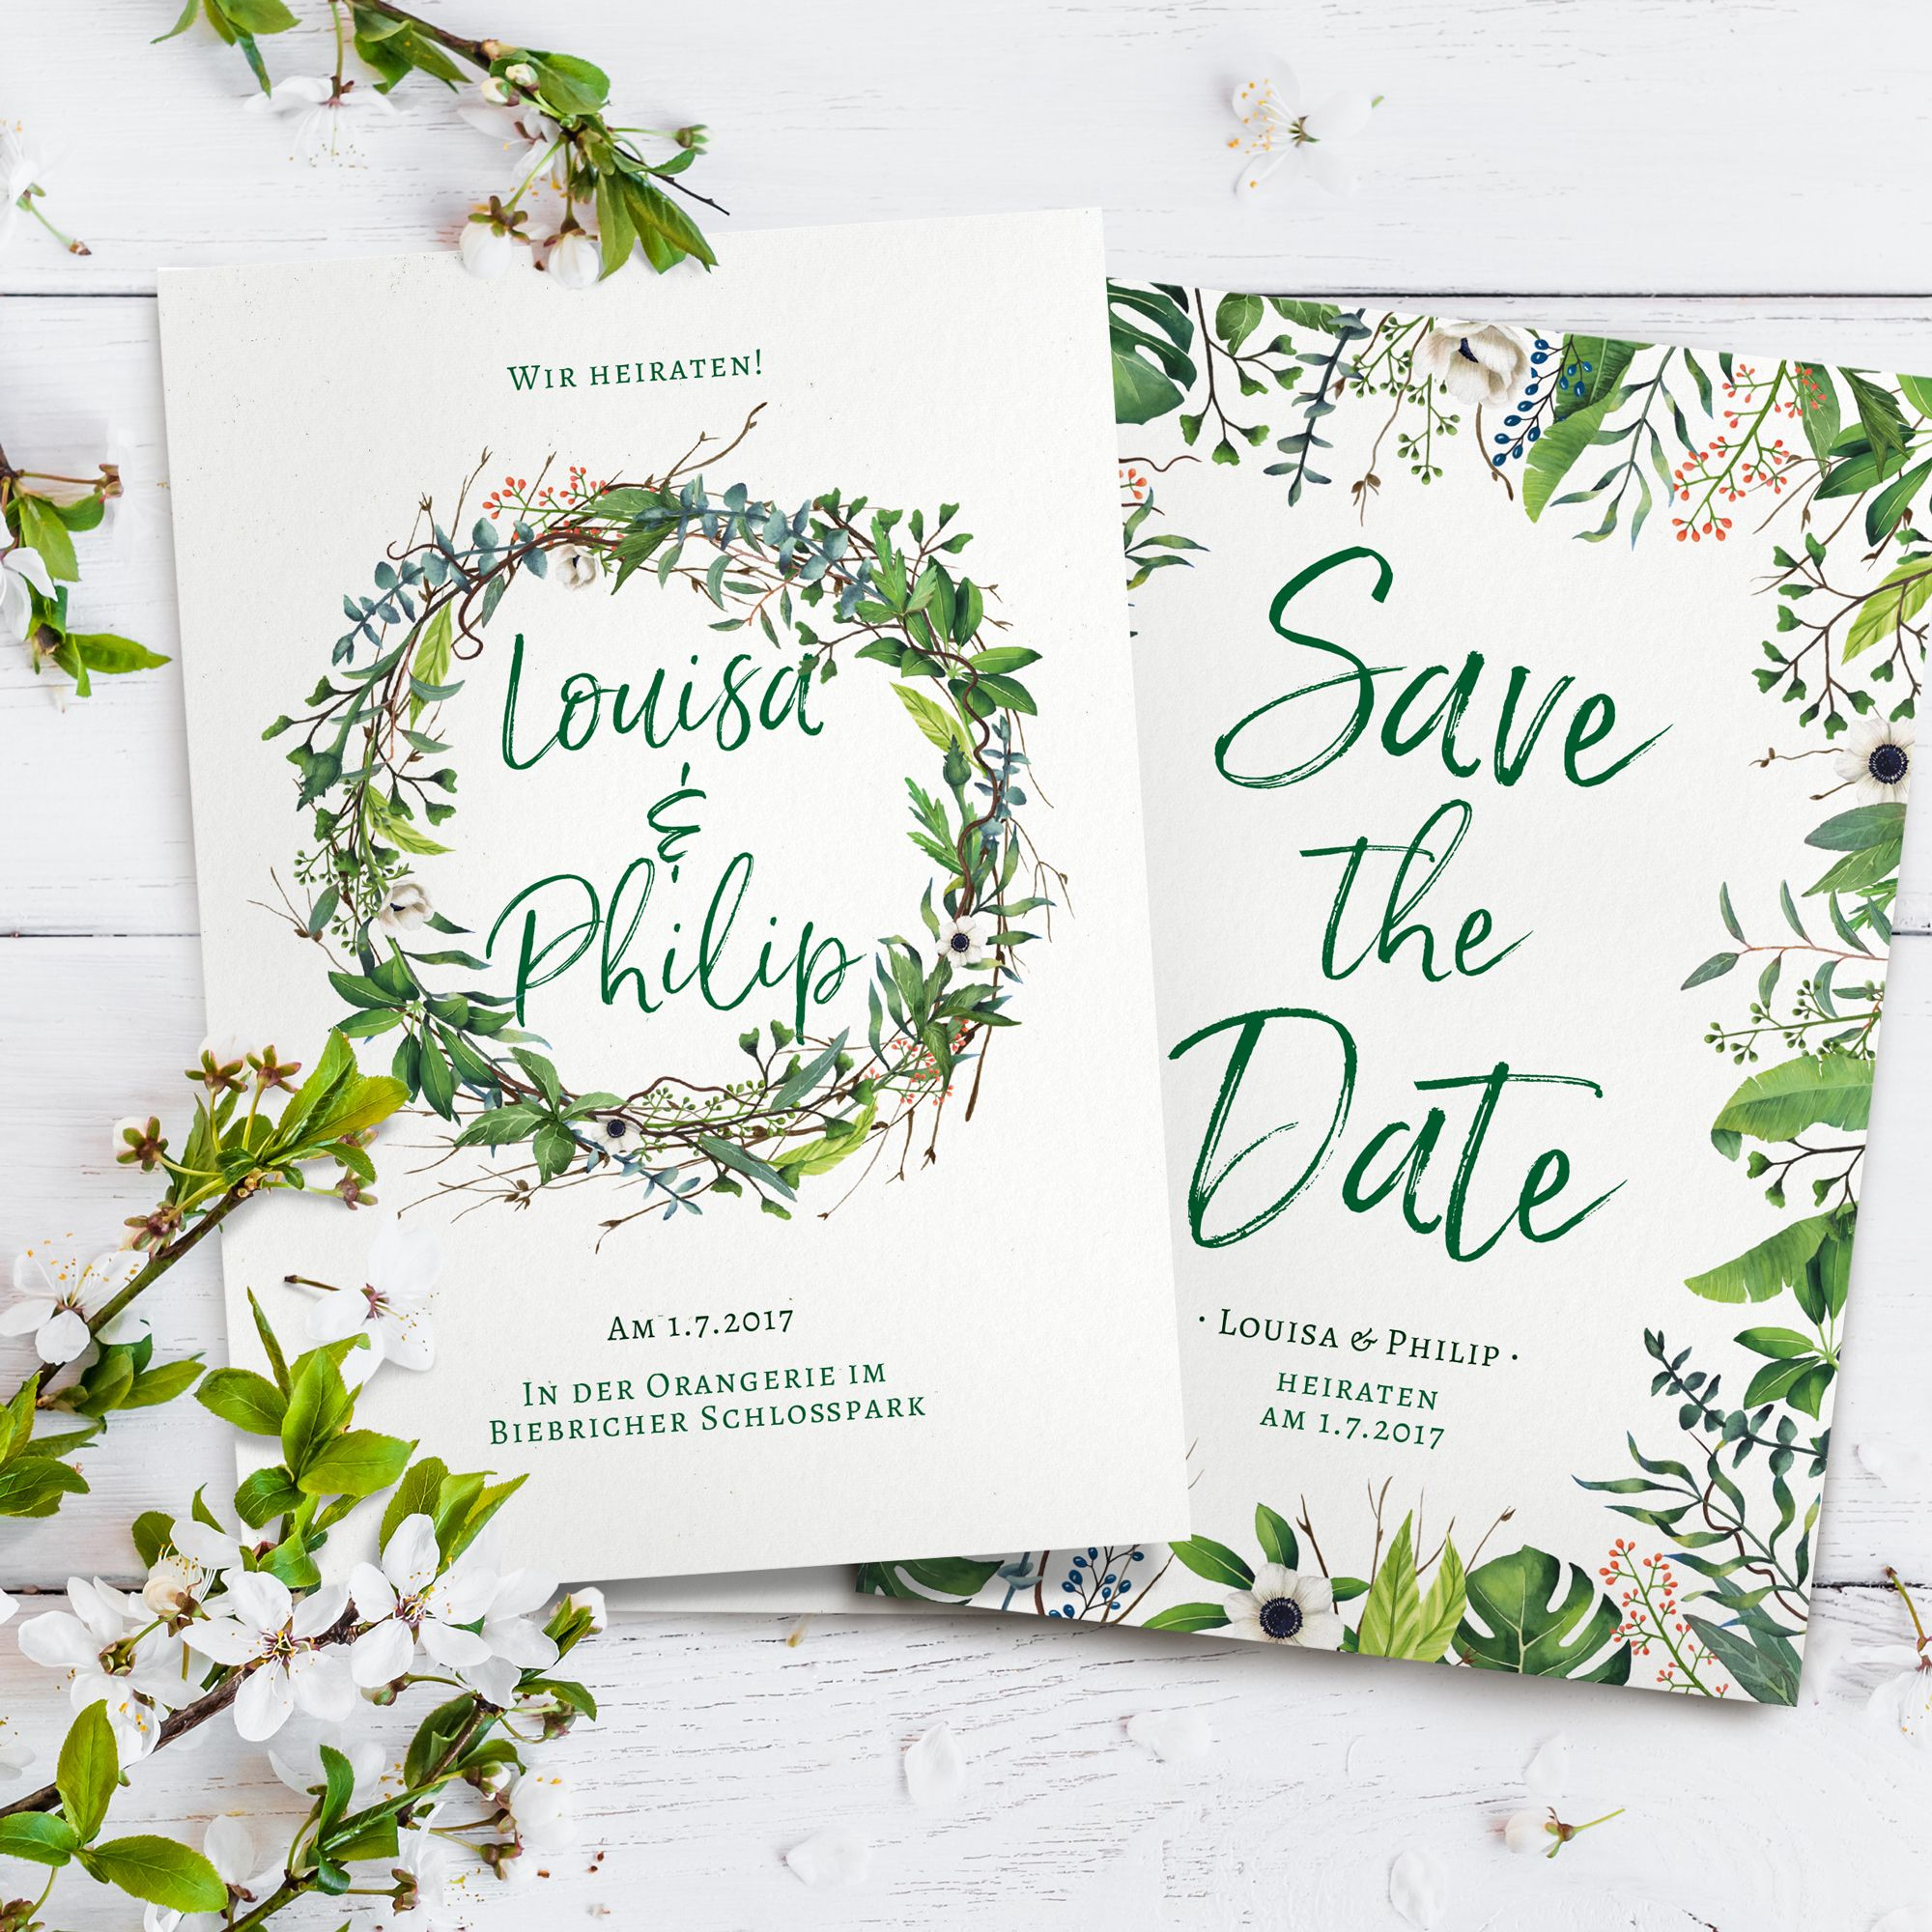 Save The Date Und Einladung Welcher Text Fur Die